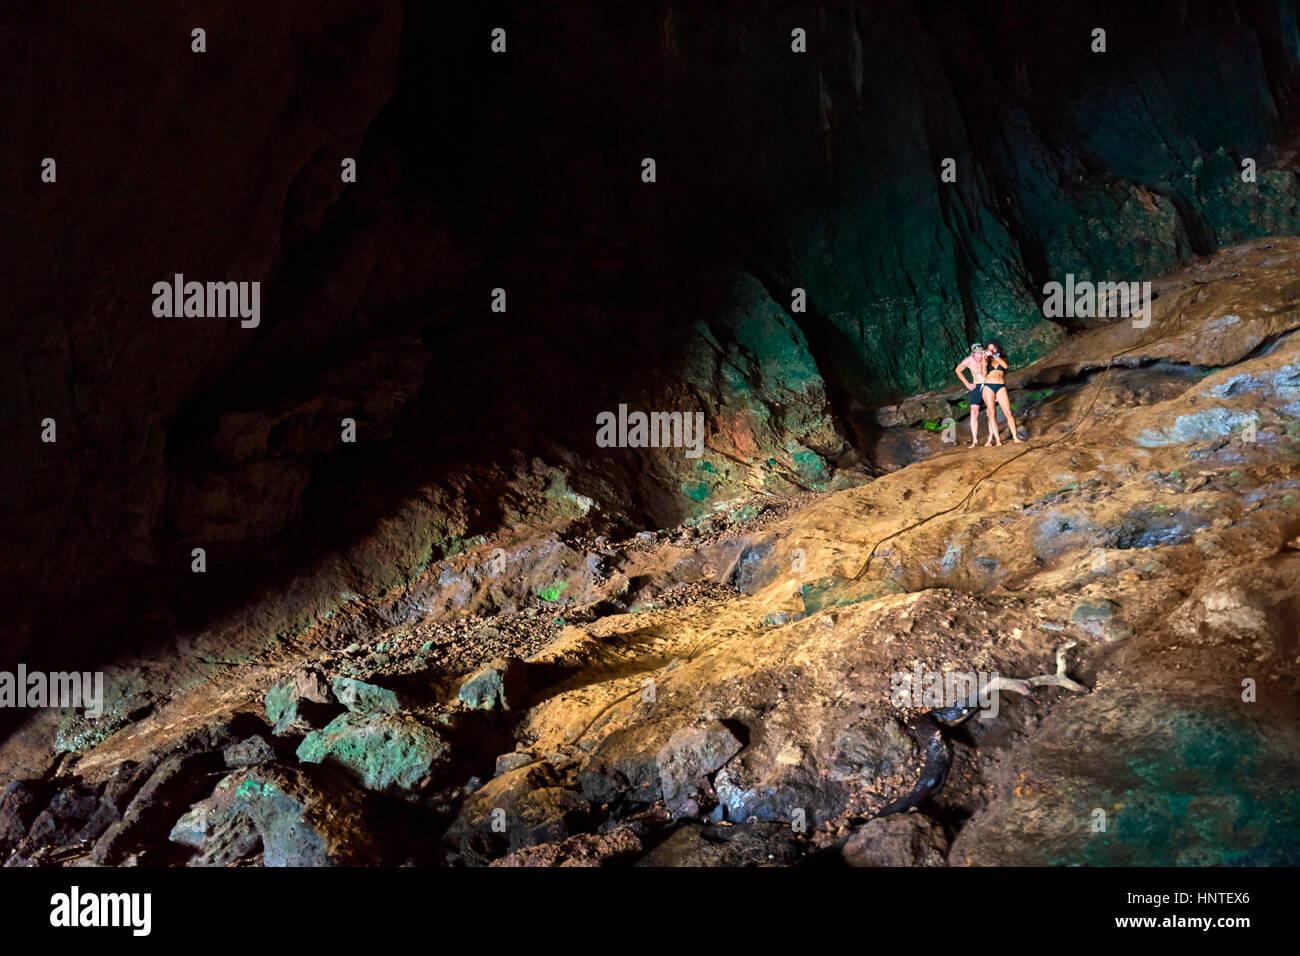 L'exploration souterraine Ko Talabeng Grotte, province de Krabi, Thaïlande Photo Stock